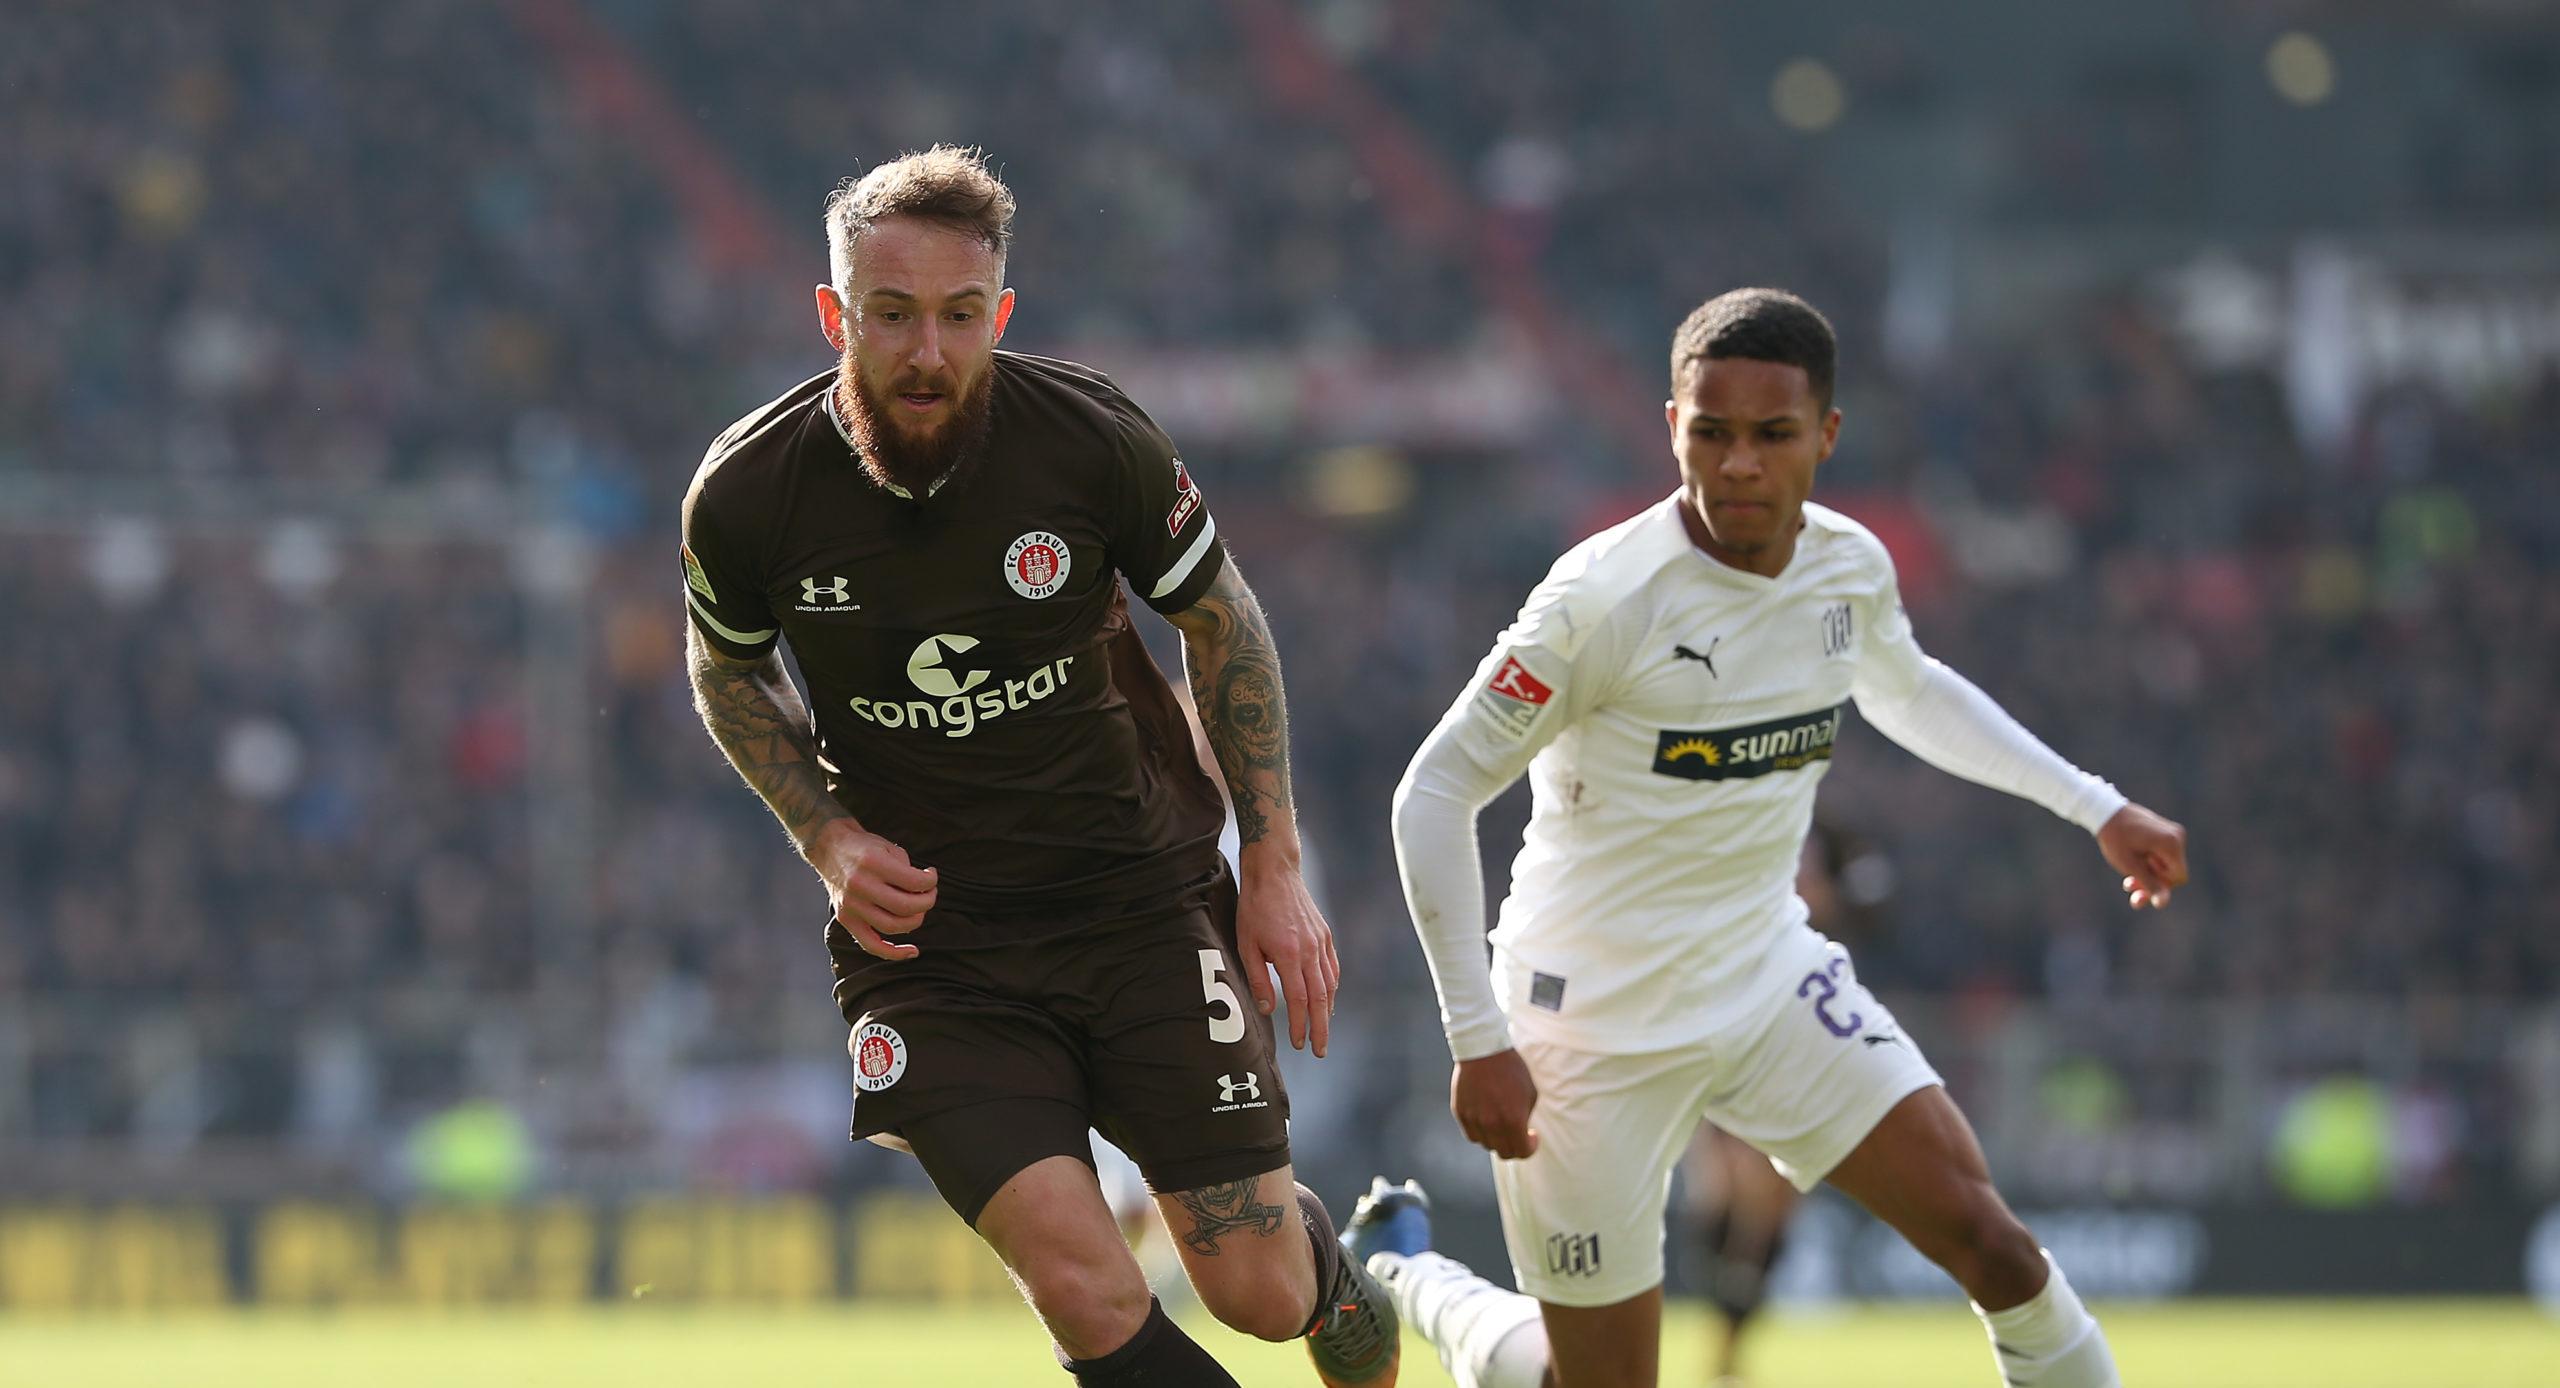 Vorbericht: FC St. Pauli – VfL Osnabrück (9. Spieltag, 20/21)